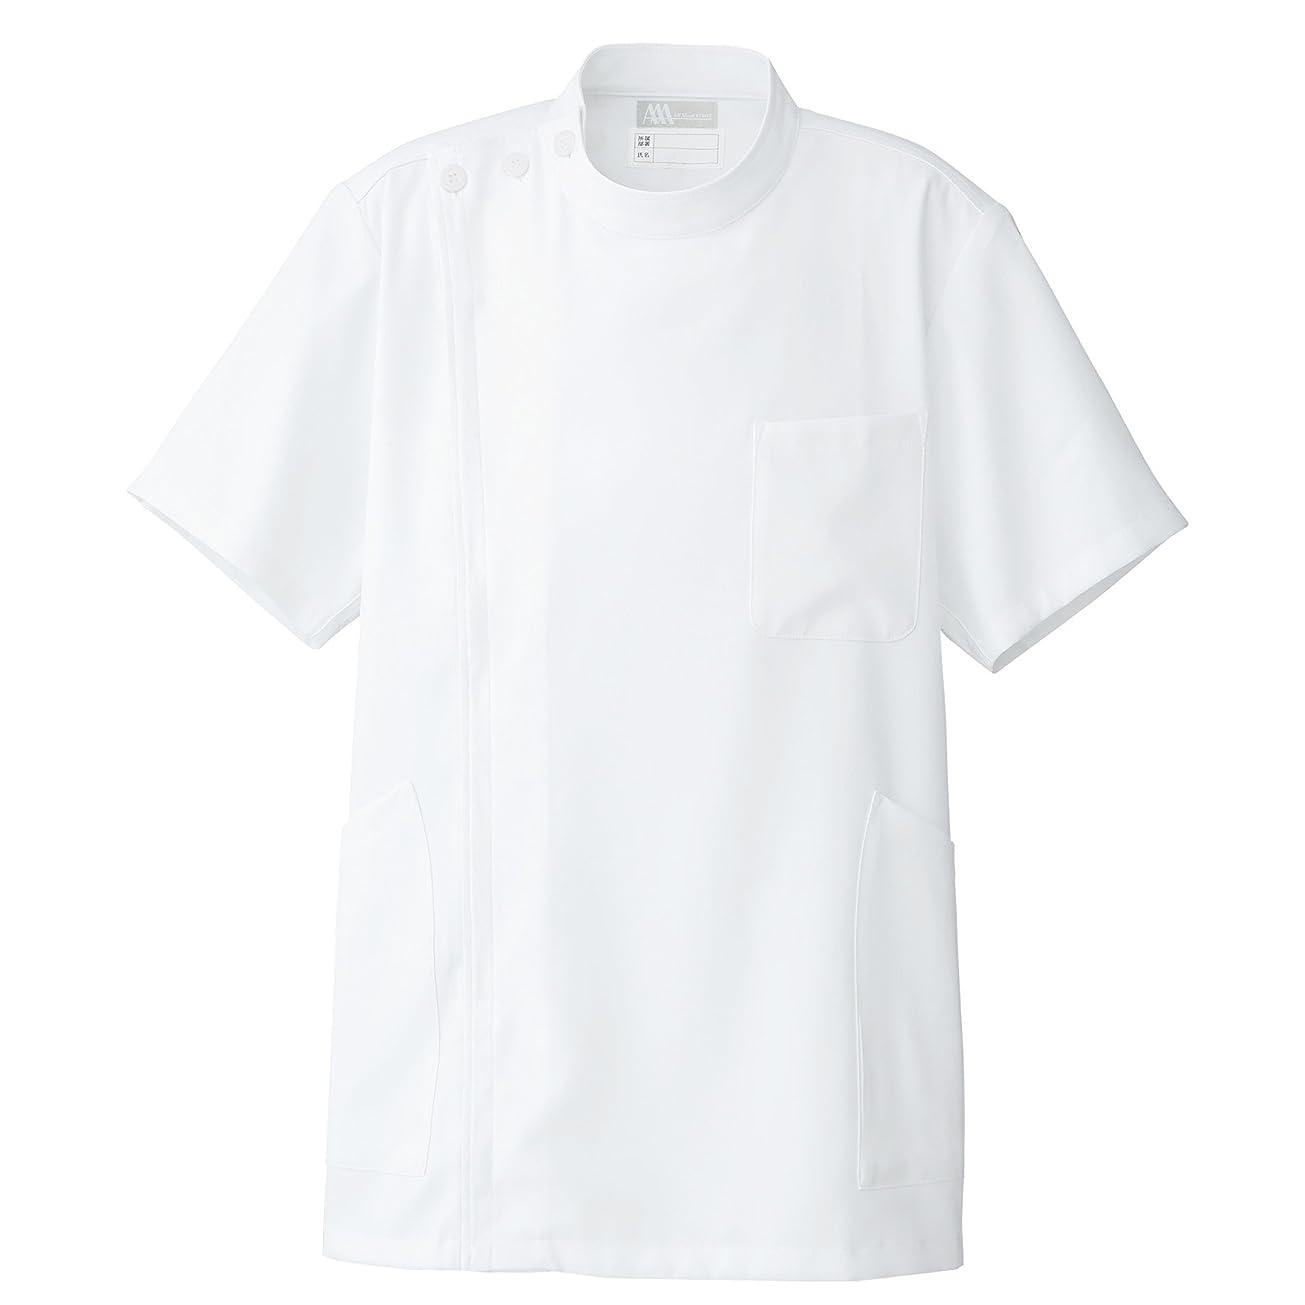 絶滅させる圧倒的方向【Lumiere】ルミエール男性用 白衣 KC半袖コート(ファスナータイプ) ポリエステル100% (861303) 【S,M,L,LL,3L,4L5L,6Lサイズ展開】